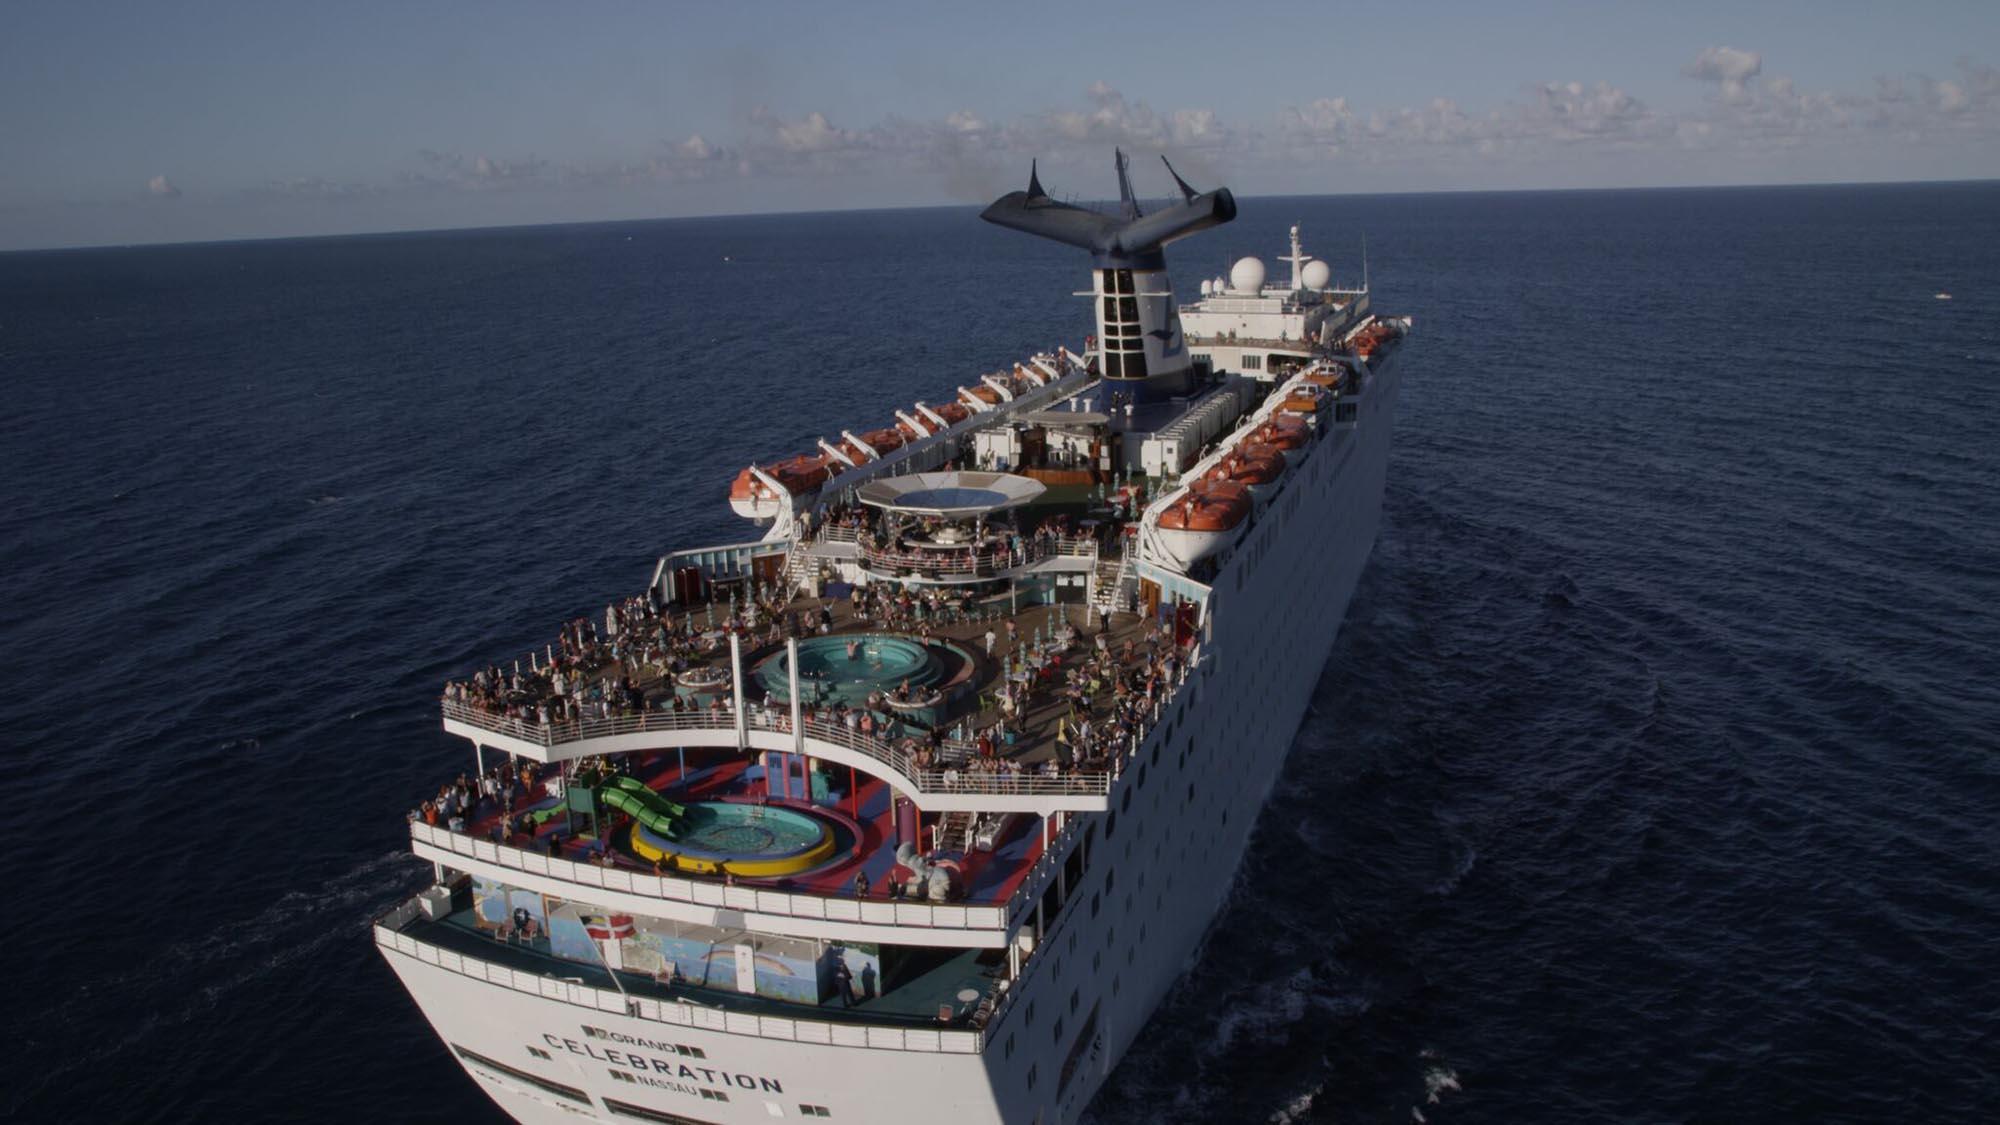 Bahamas Paradise Cruise Line To Deploy Costa Ship Travel